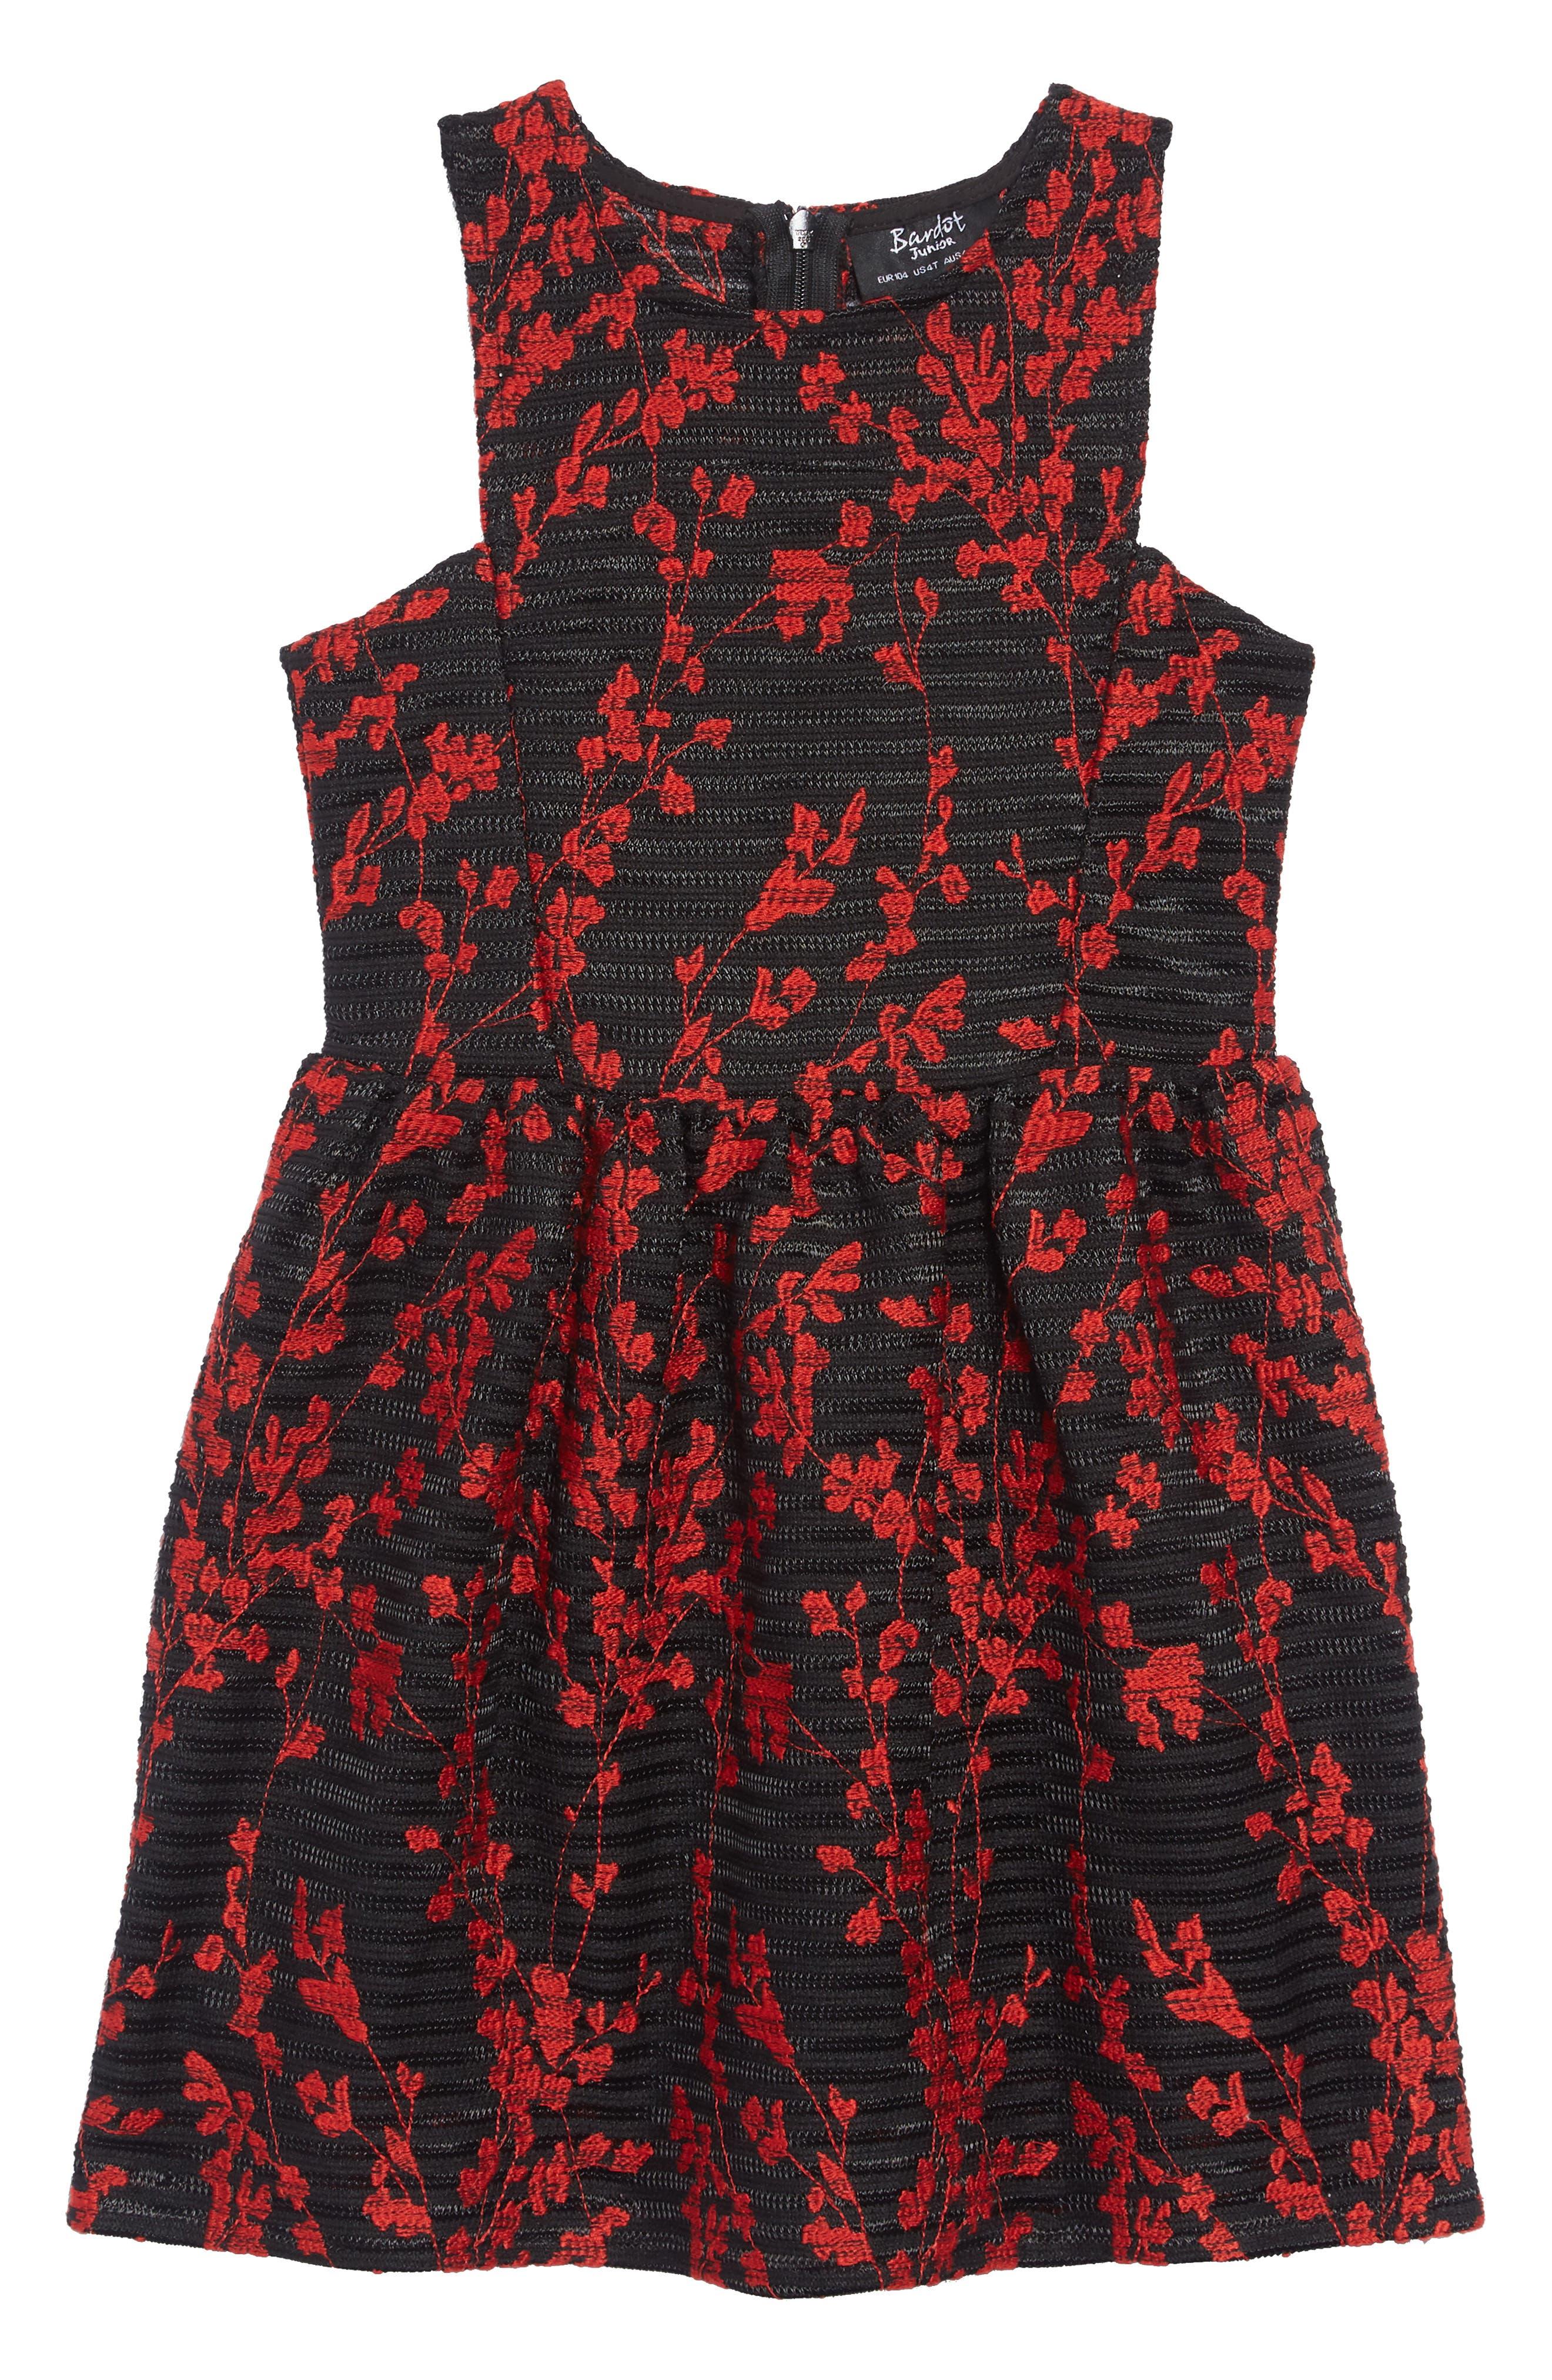 Mercer Flower Embroidered Dress,                         Main,                         color, BLACK